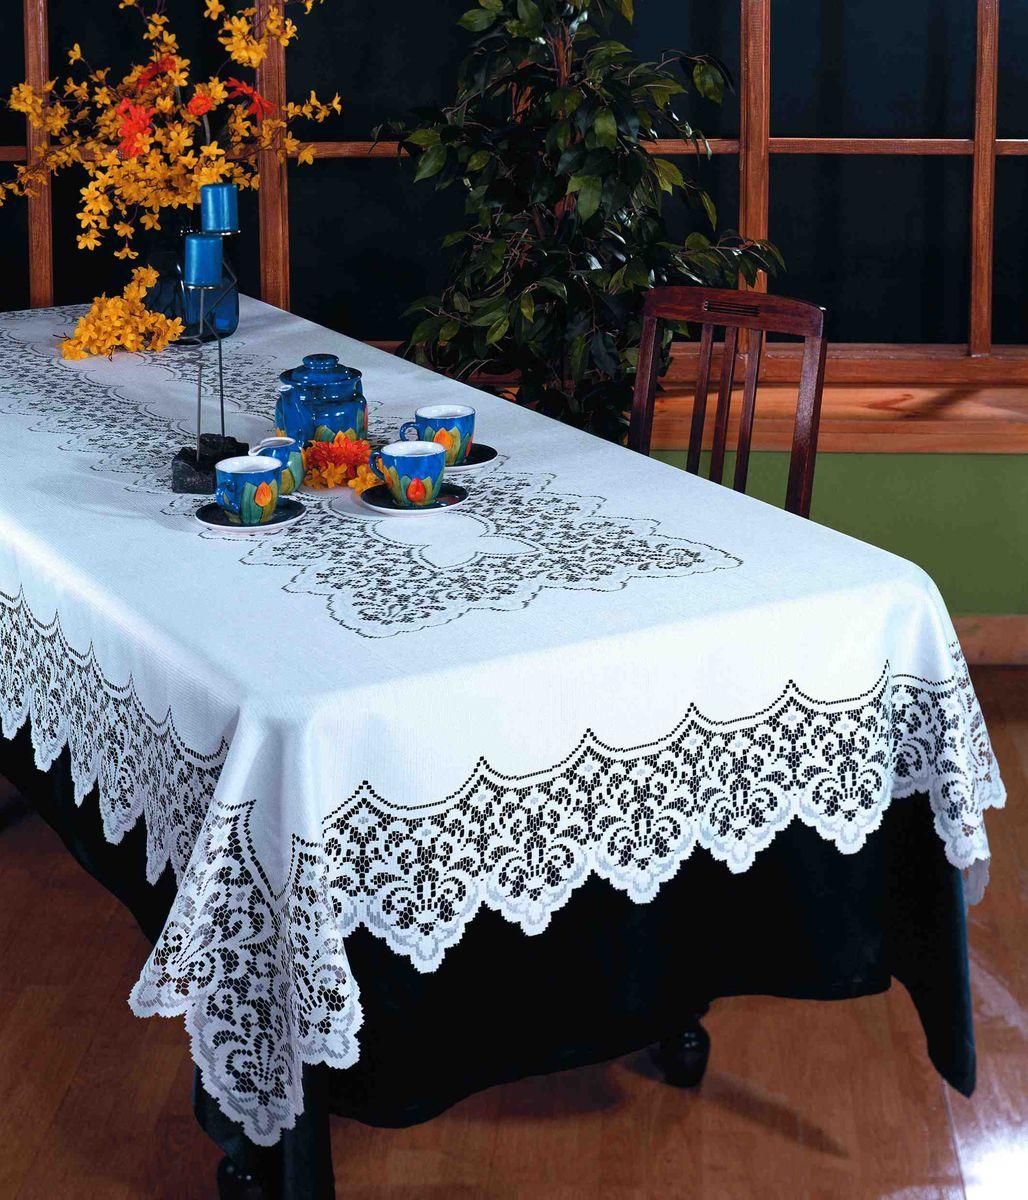 Скатерть Wisan Fukasz, прямоугольная, цвет: белый, 150x 300 смVT-1520(SR)Великолепная прямоугольная скатерть Wisan Fukasz, выполненная из 100% полиэстера, органично впишется в интерьер любого помещения, а оригинальный дизайн удовлетворит даже самый изысканный вкус. Скатерть изготовлена из сетчатого материала с ажурным орнаментом по краям и по центру. Скатерть Wisan Fukasz создаст праздничное настроение и станет прекрасным дополнением интерьера гостиной, кухни или столовой.